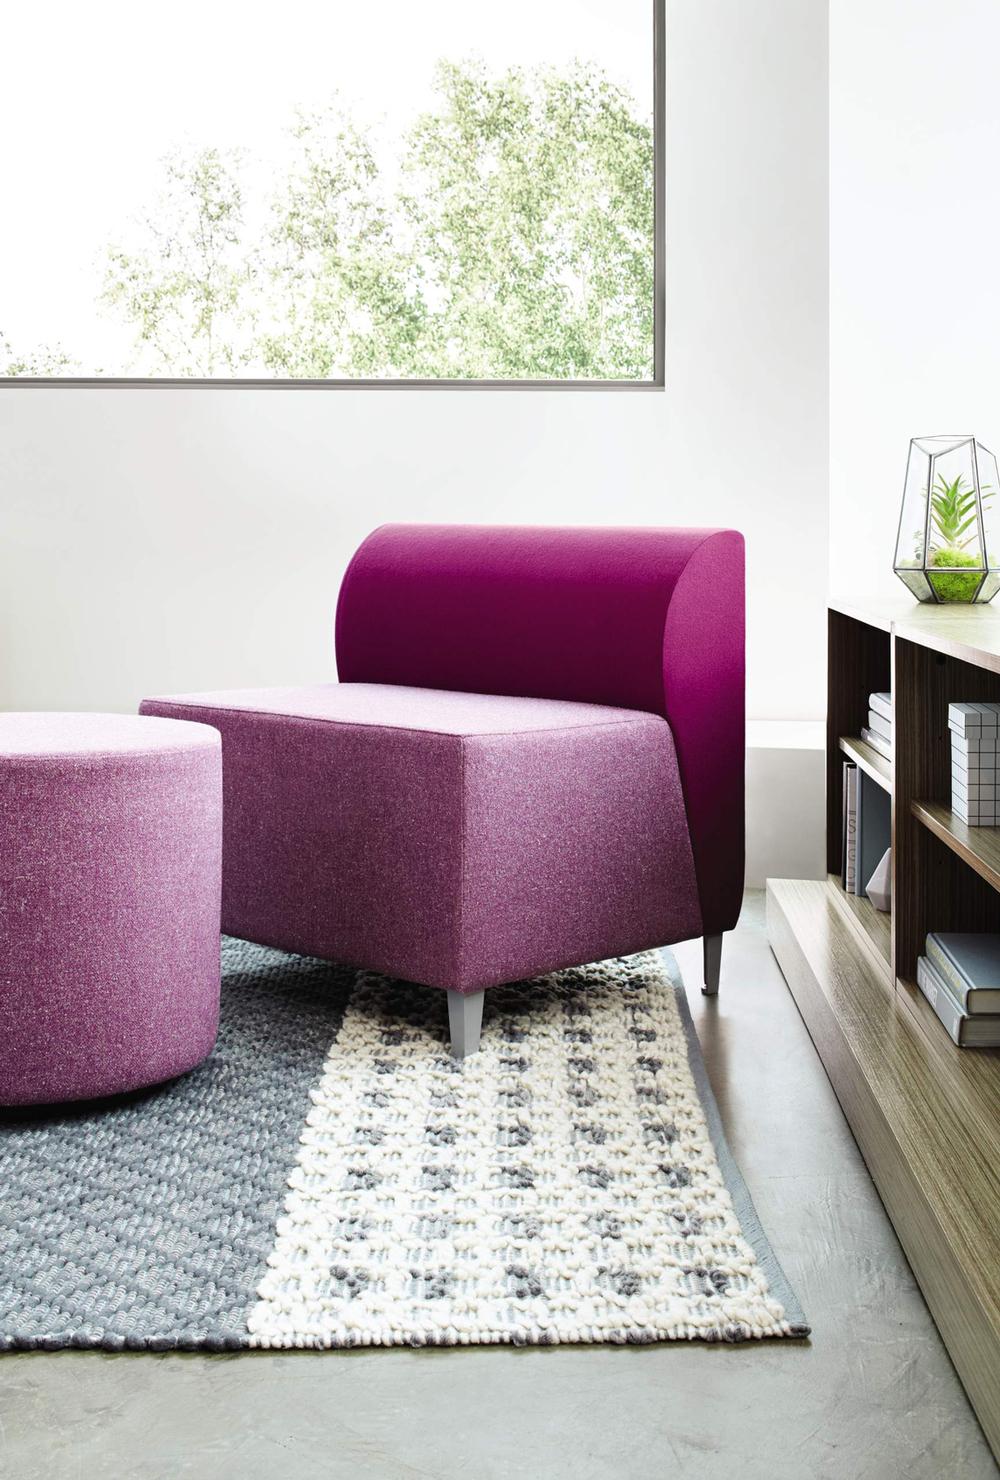 DWELL Lounge